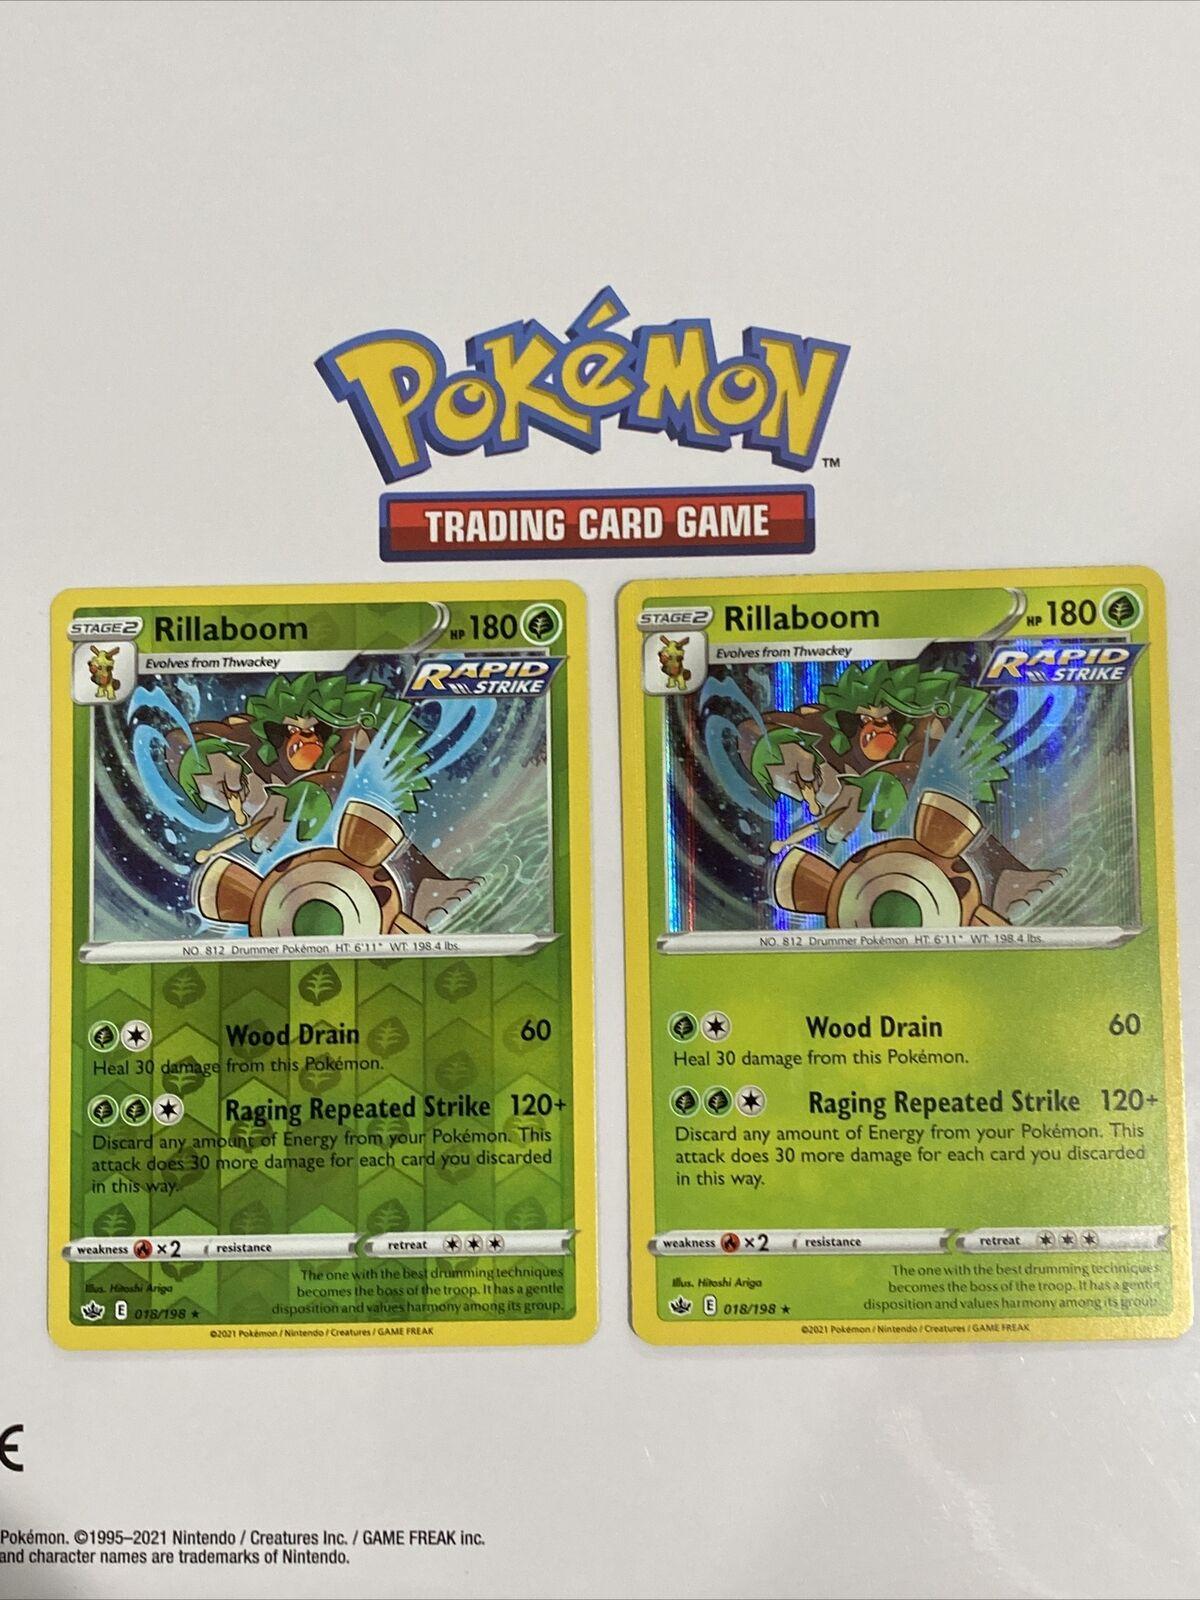 Pokemon Chilling Reign Rillaboom Holo & Reverse Holo 18/198 Trading Card 018/198